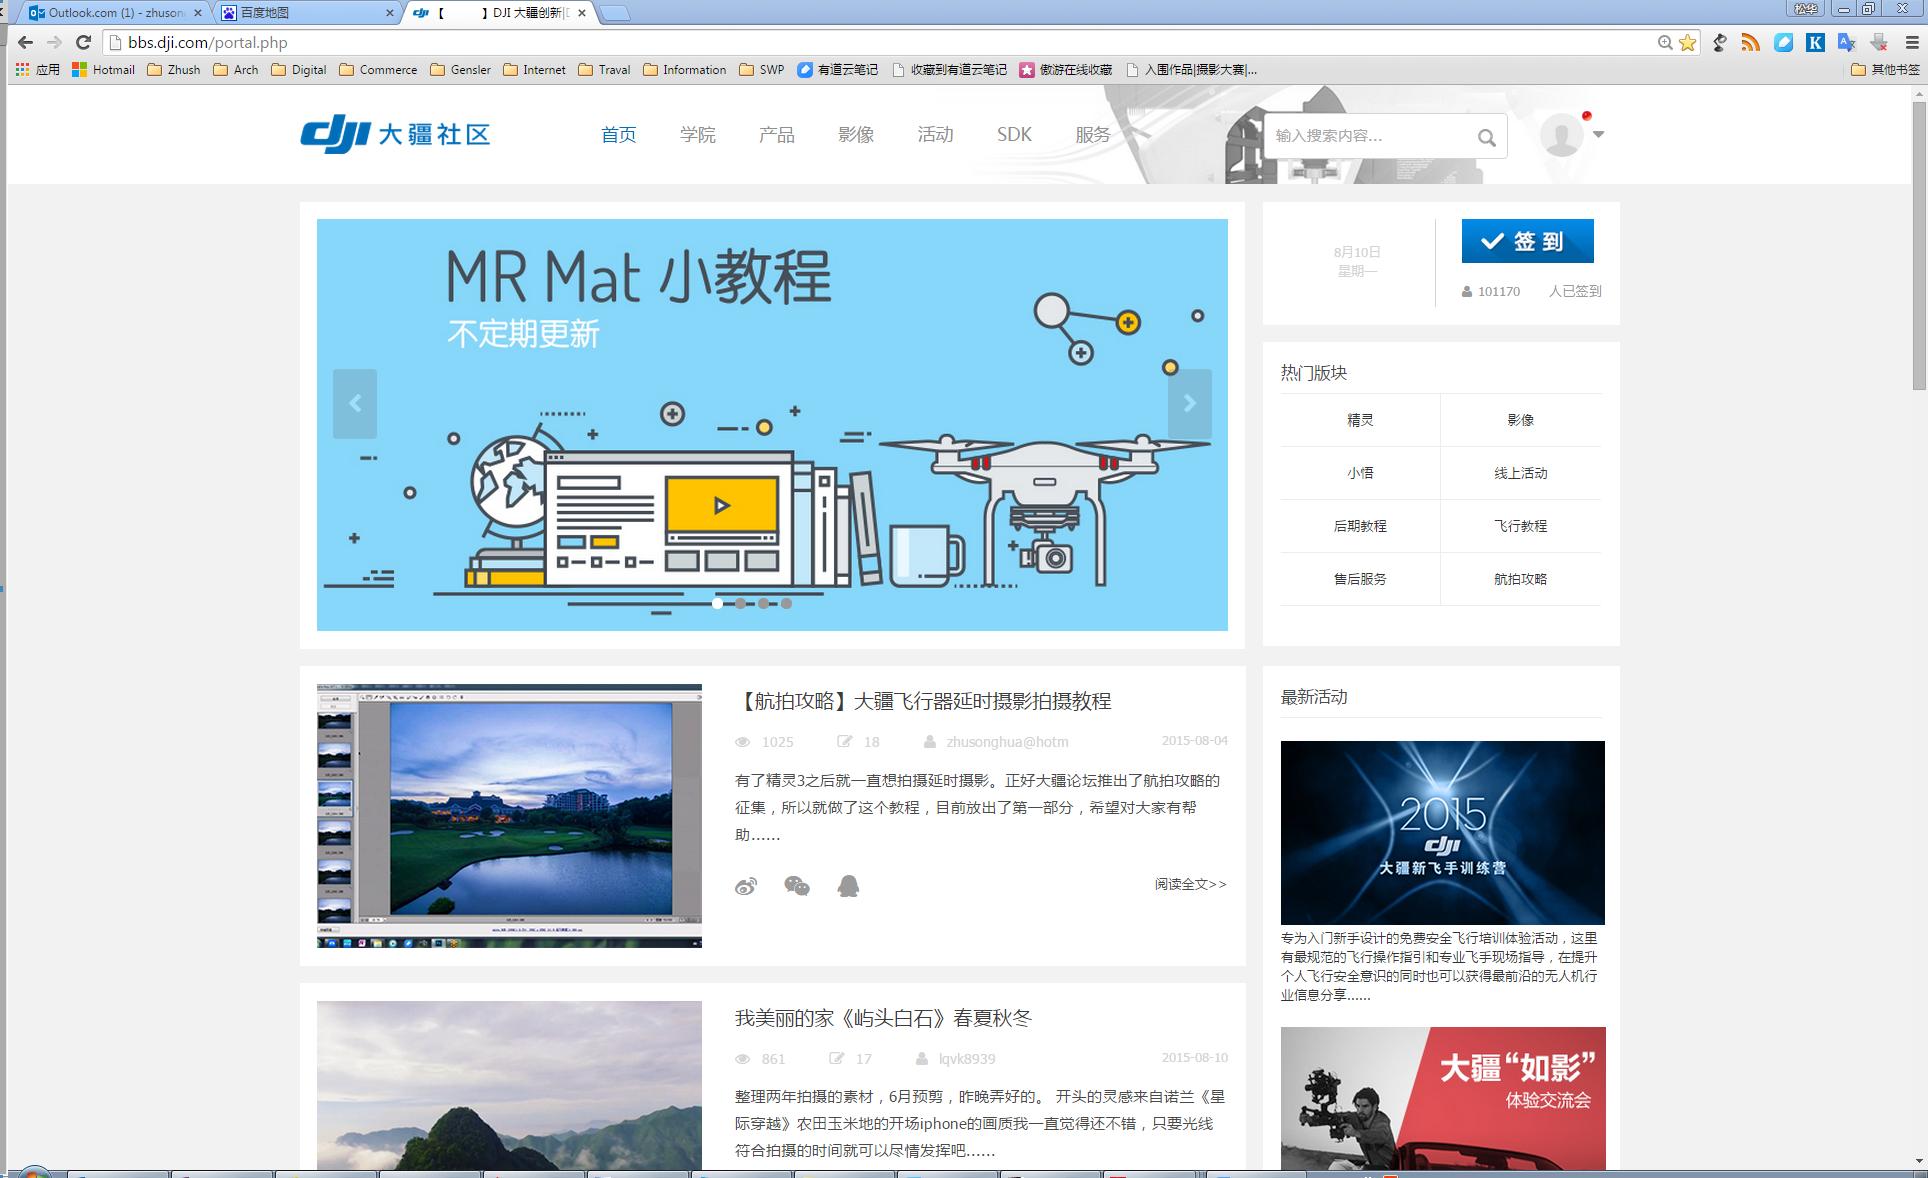 20150810 【航拍攻略】大疆飞行器延时摄影拍摄教程.png